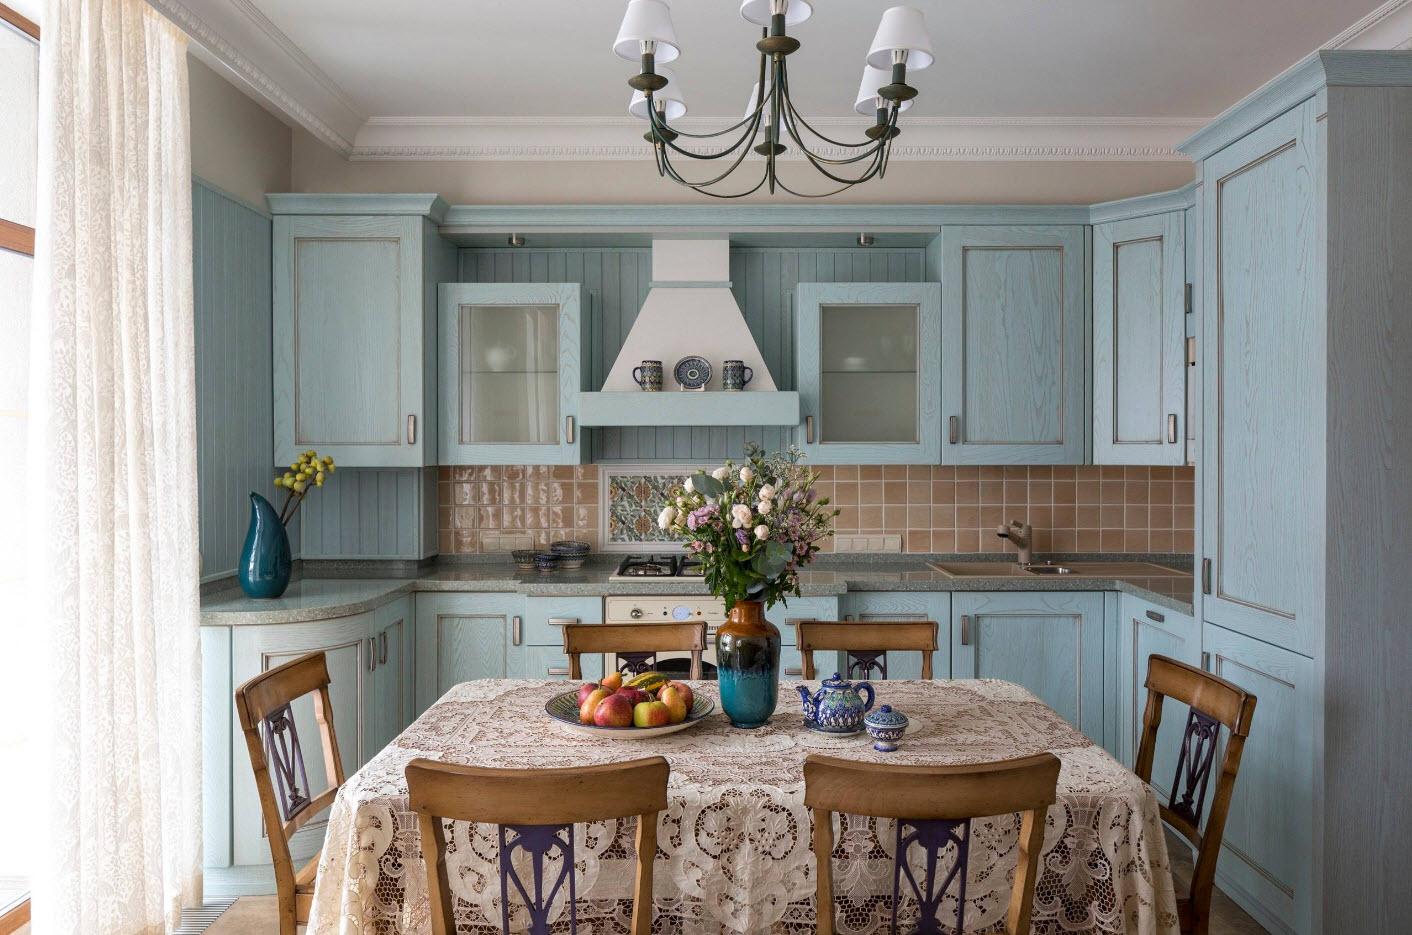 Кружевная скатерть на кухне в стиле кантри